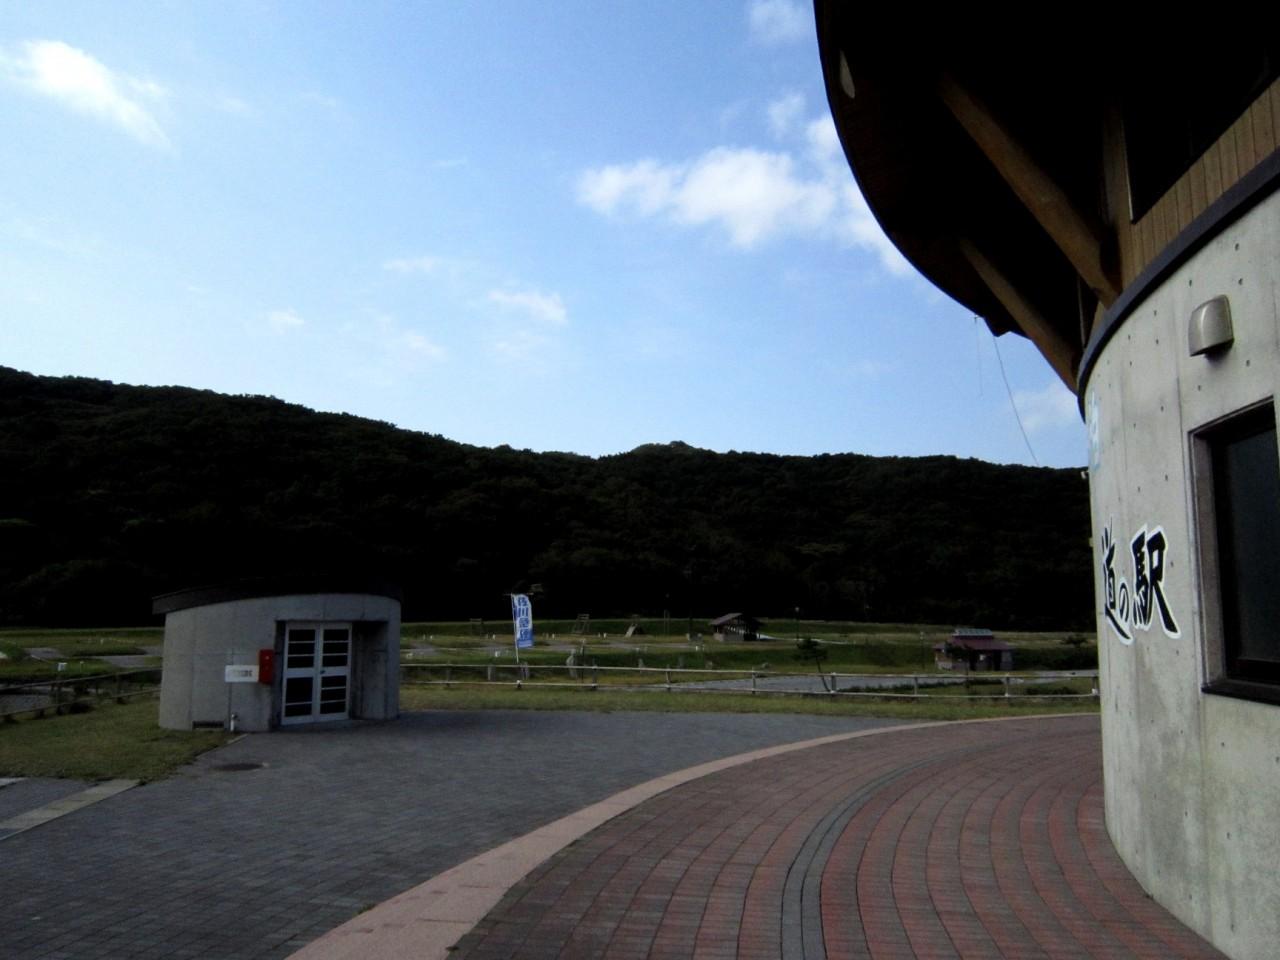 青森 風景 秋 津軽 中泊町 道の駅こどまり フリーテントゾーン